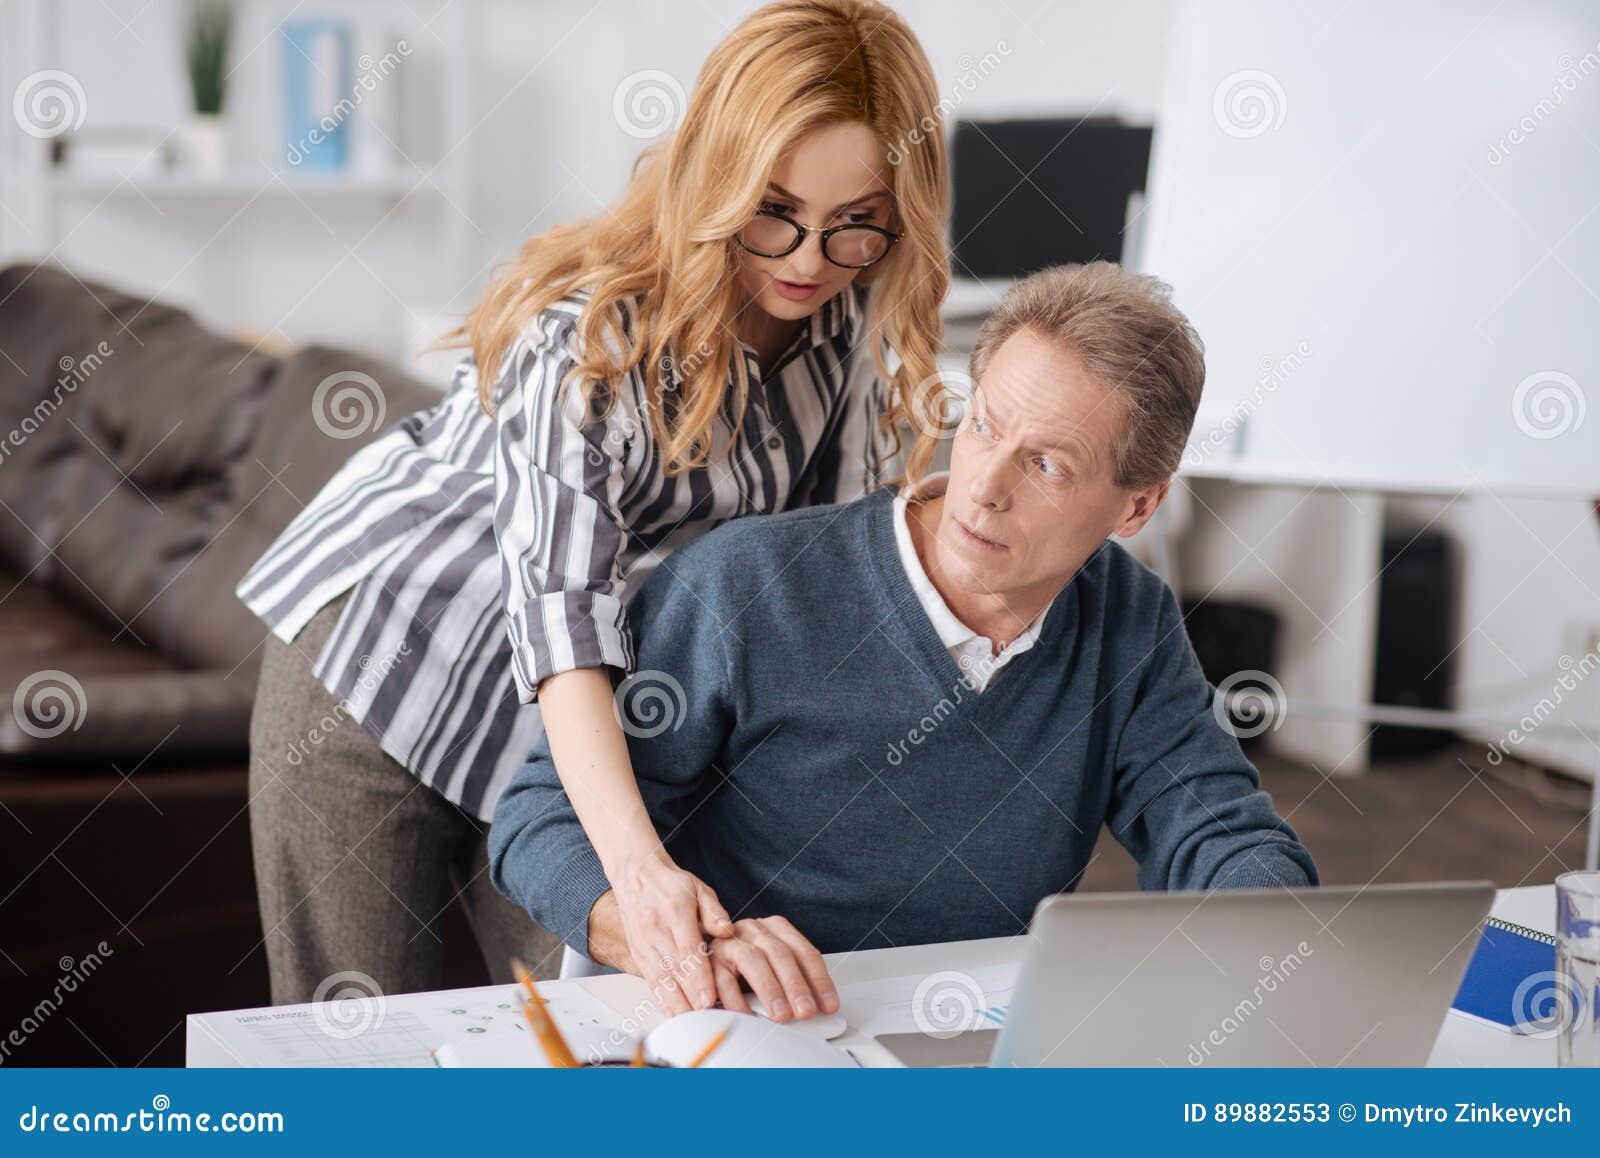 Anale con insulti al marito cornuto - 1 part 10